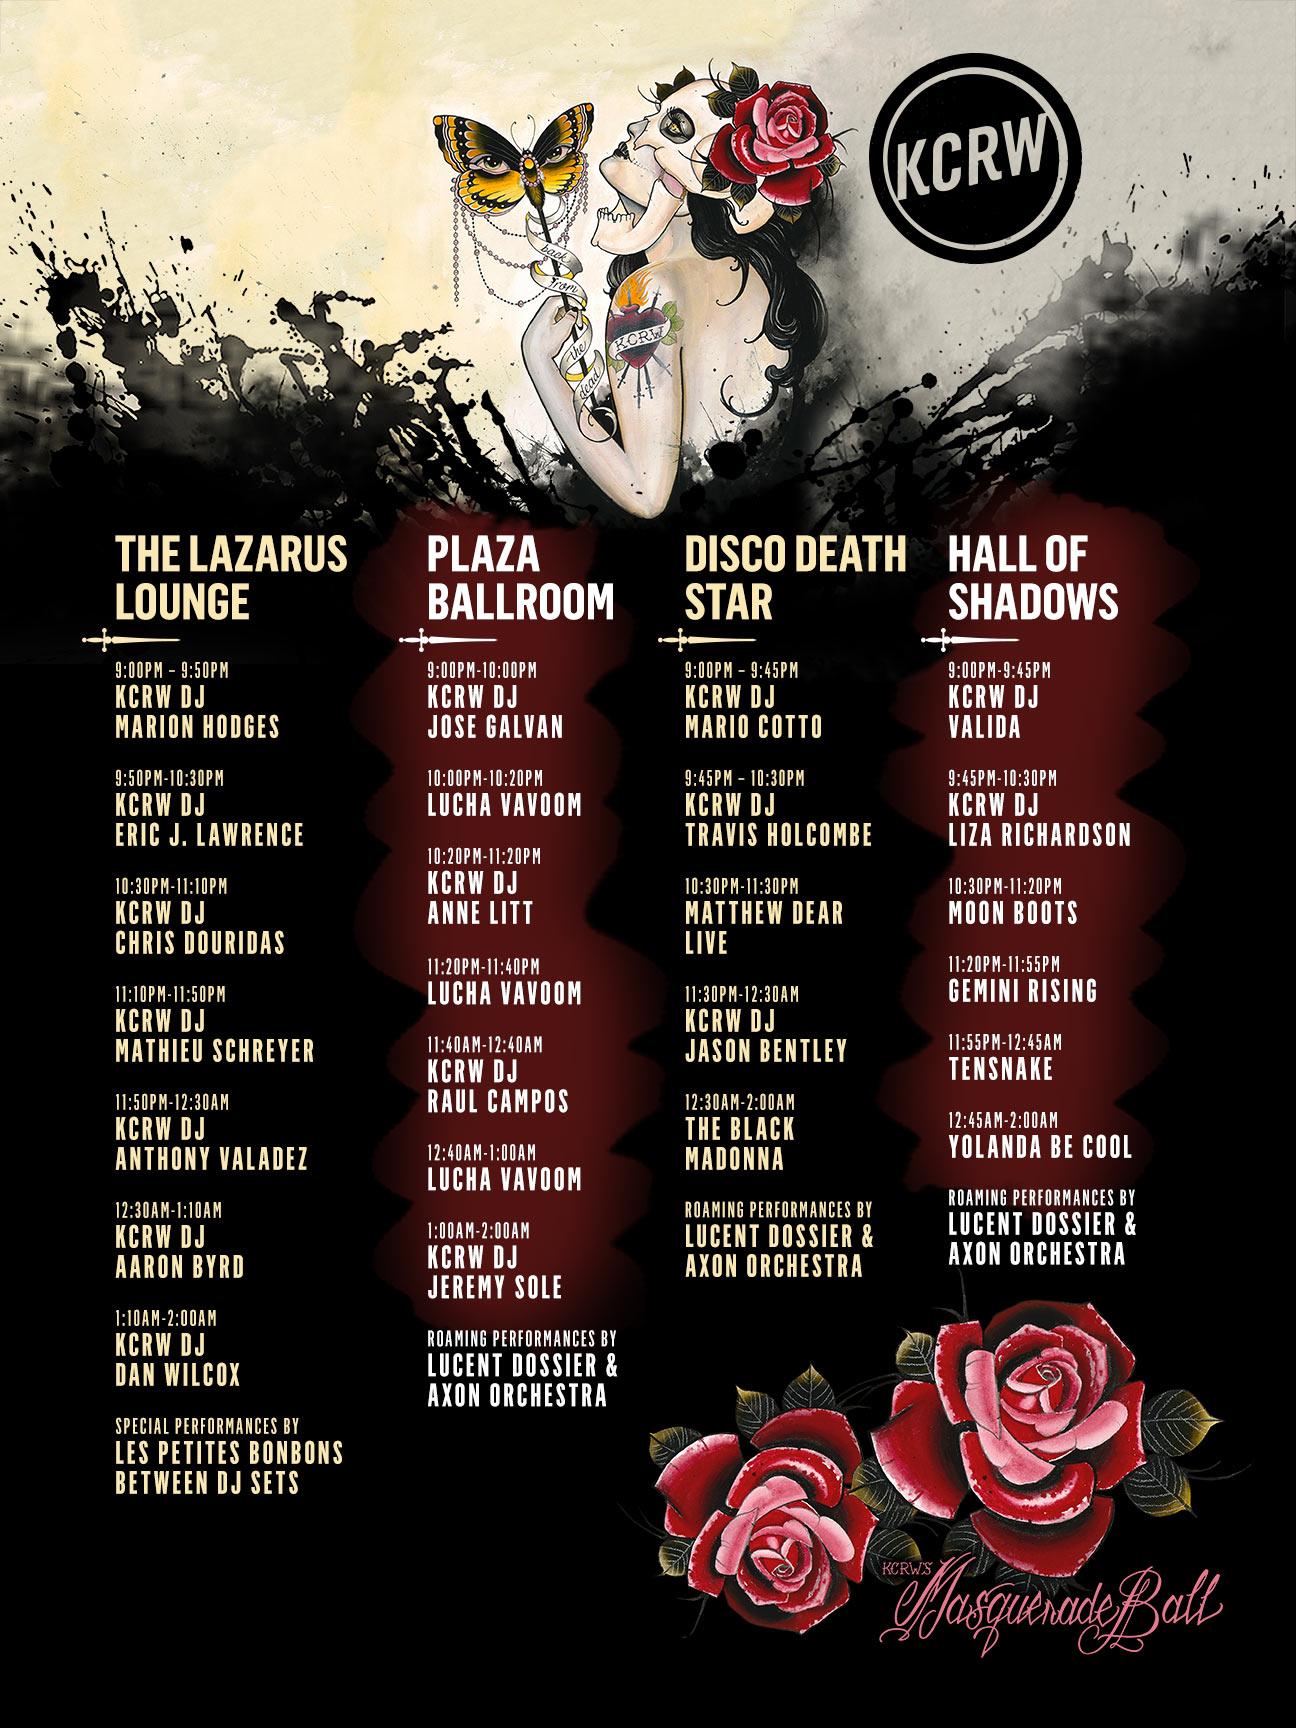 KCRW's Masquerade Ball 2017 Schedule